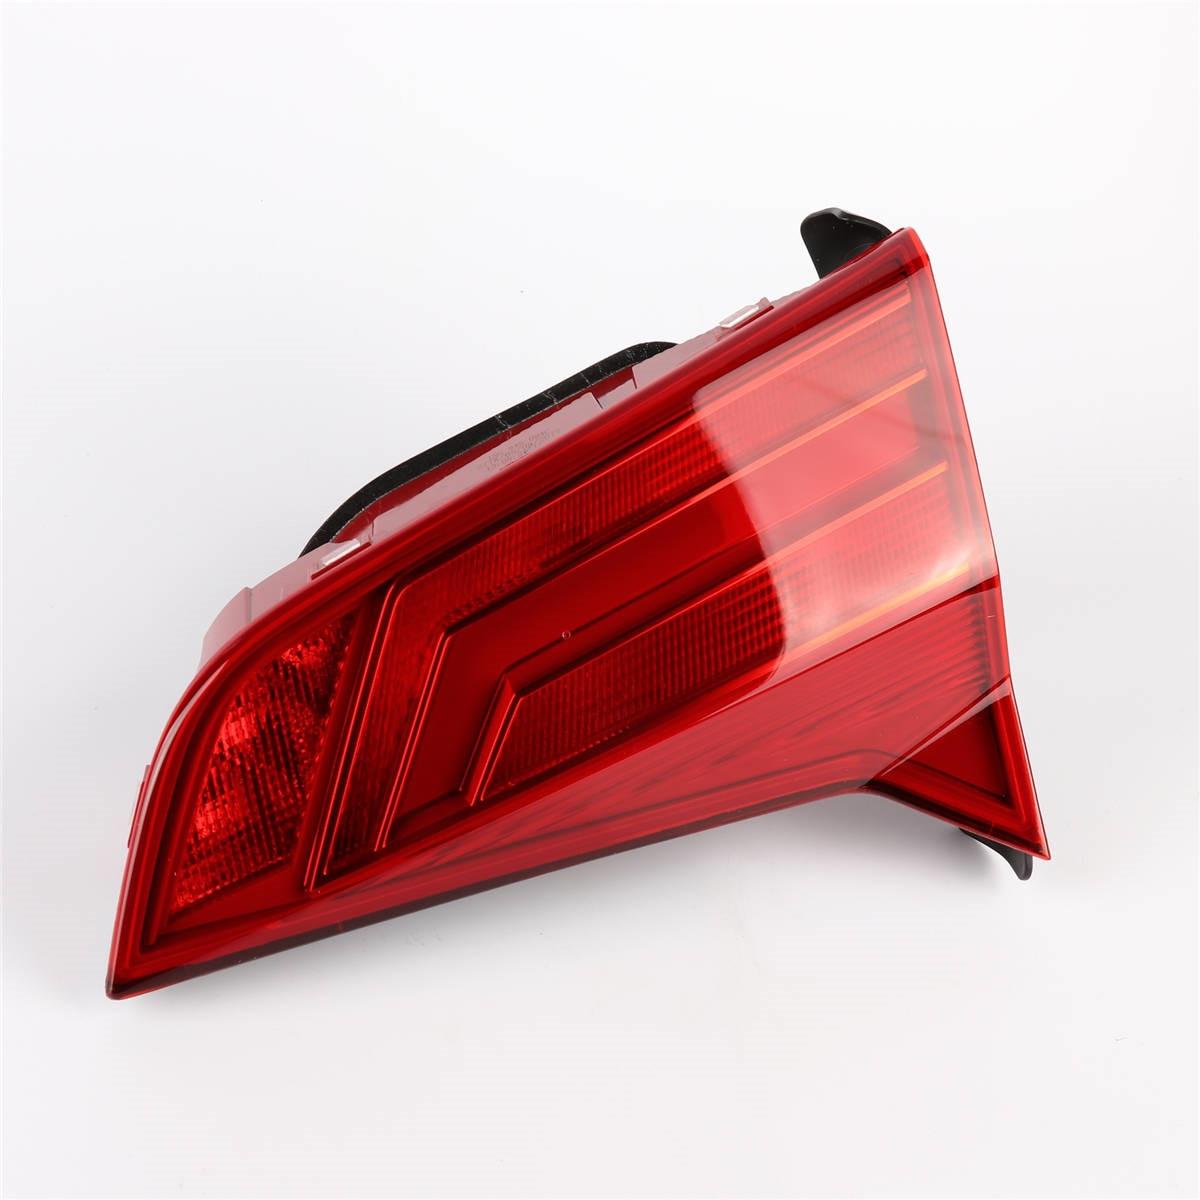 Правая сторона красный цвет OEM 1шт светодиодные задние фонари задний фонарь для Фольксваген L18G 945 094 с